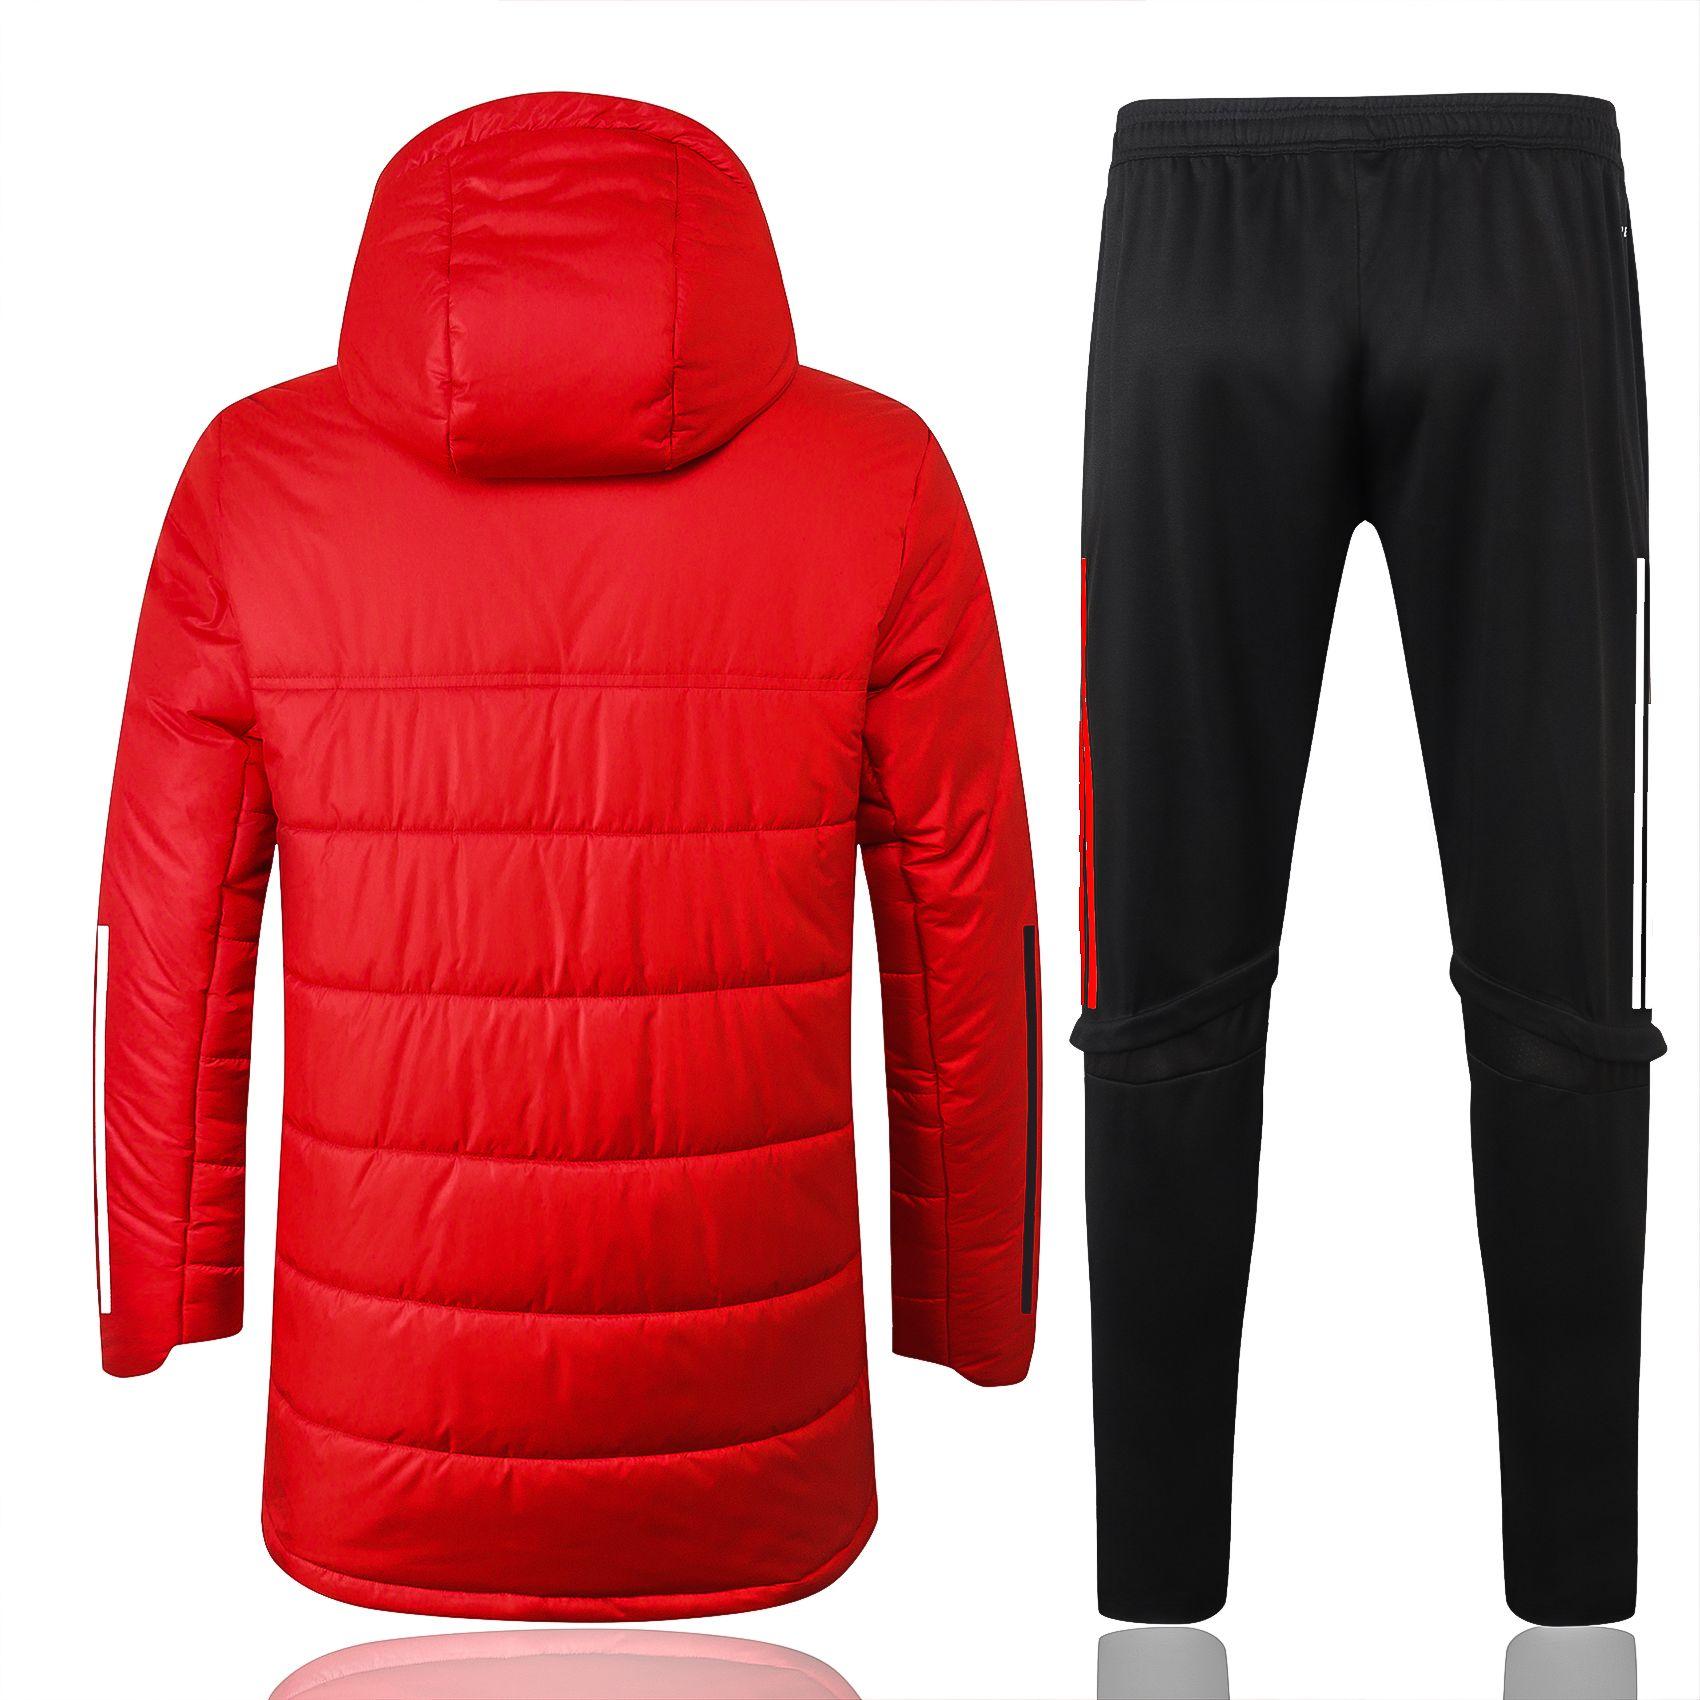 Jede Person mit Kapuze Neue Trainingsfußball-Jersey-Trainingsanzug-Kits S-2XL / Notwendigkeit, Anfrage zu wenden, ob es Inventar gibt